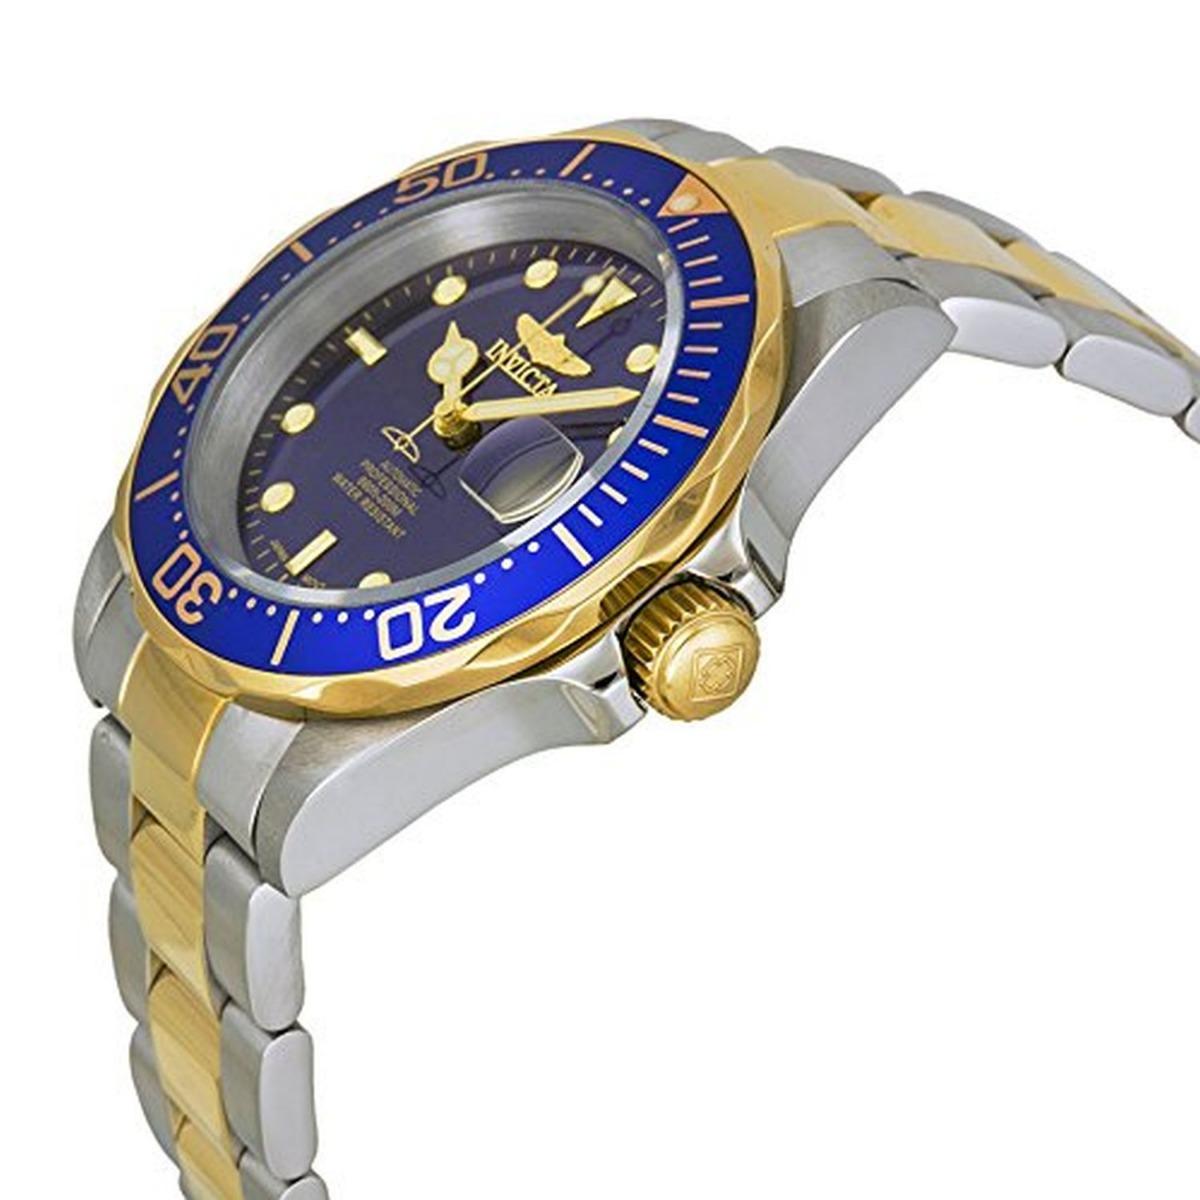 b2f0947b6d64 reloj invicta 8928ob pro diver automático 23k oro ionizado. Cargando zoom.